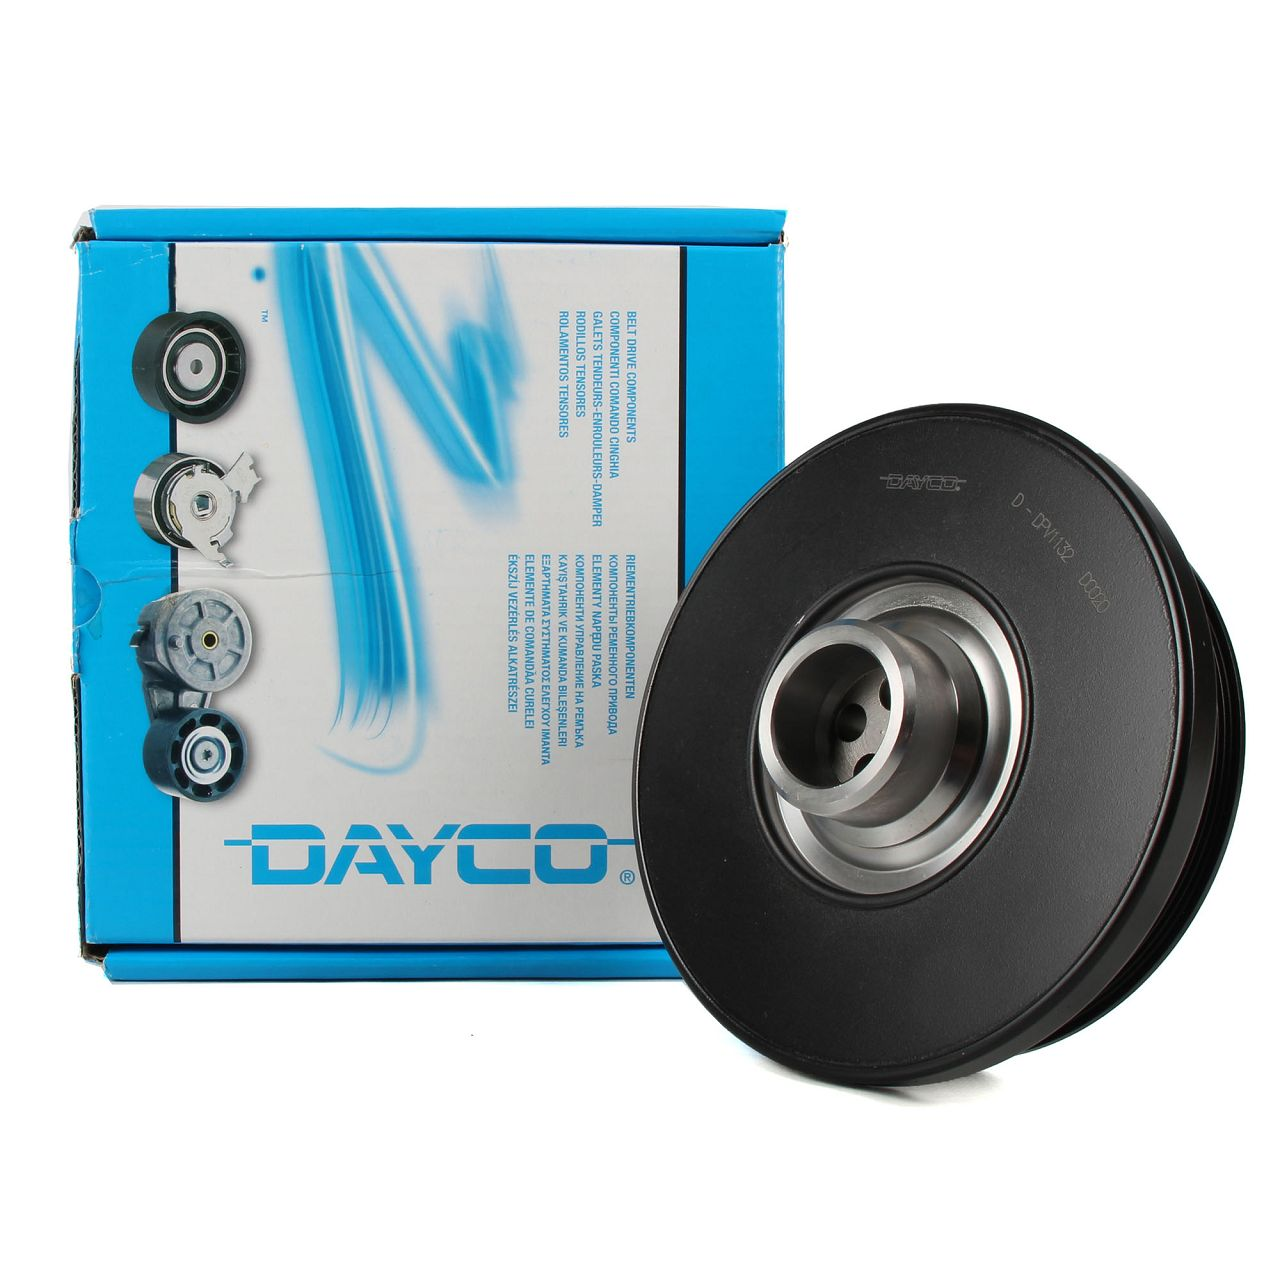 DAYCO Riemenscheibe Kurbelwelle DPV1132 für 5ER BMW F10 TOURING F11 11237800026